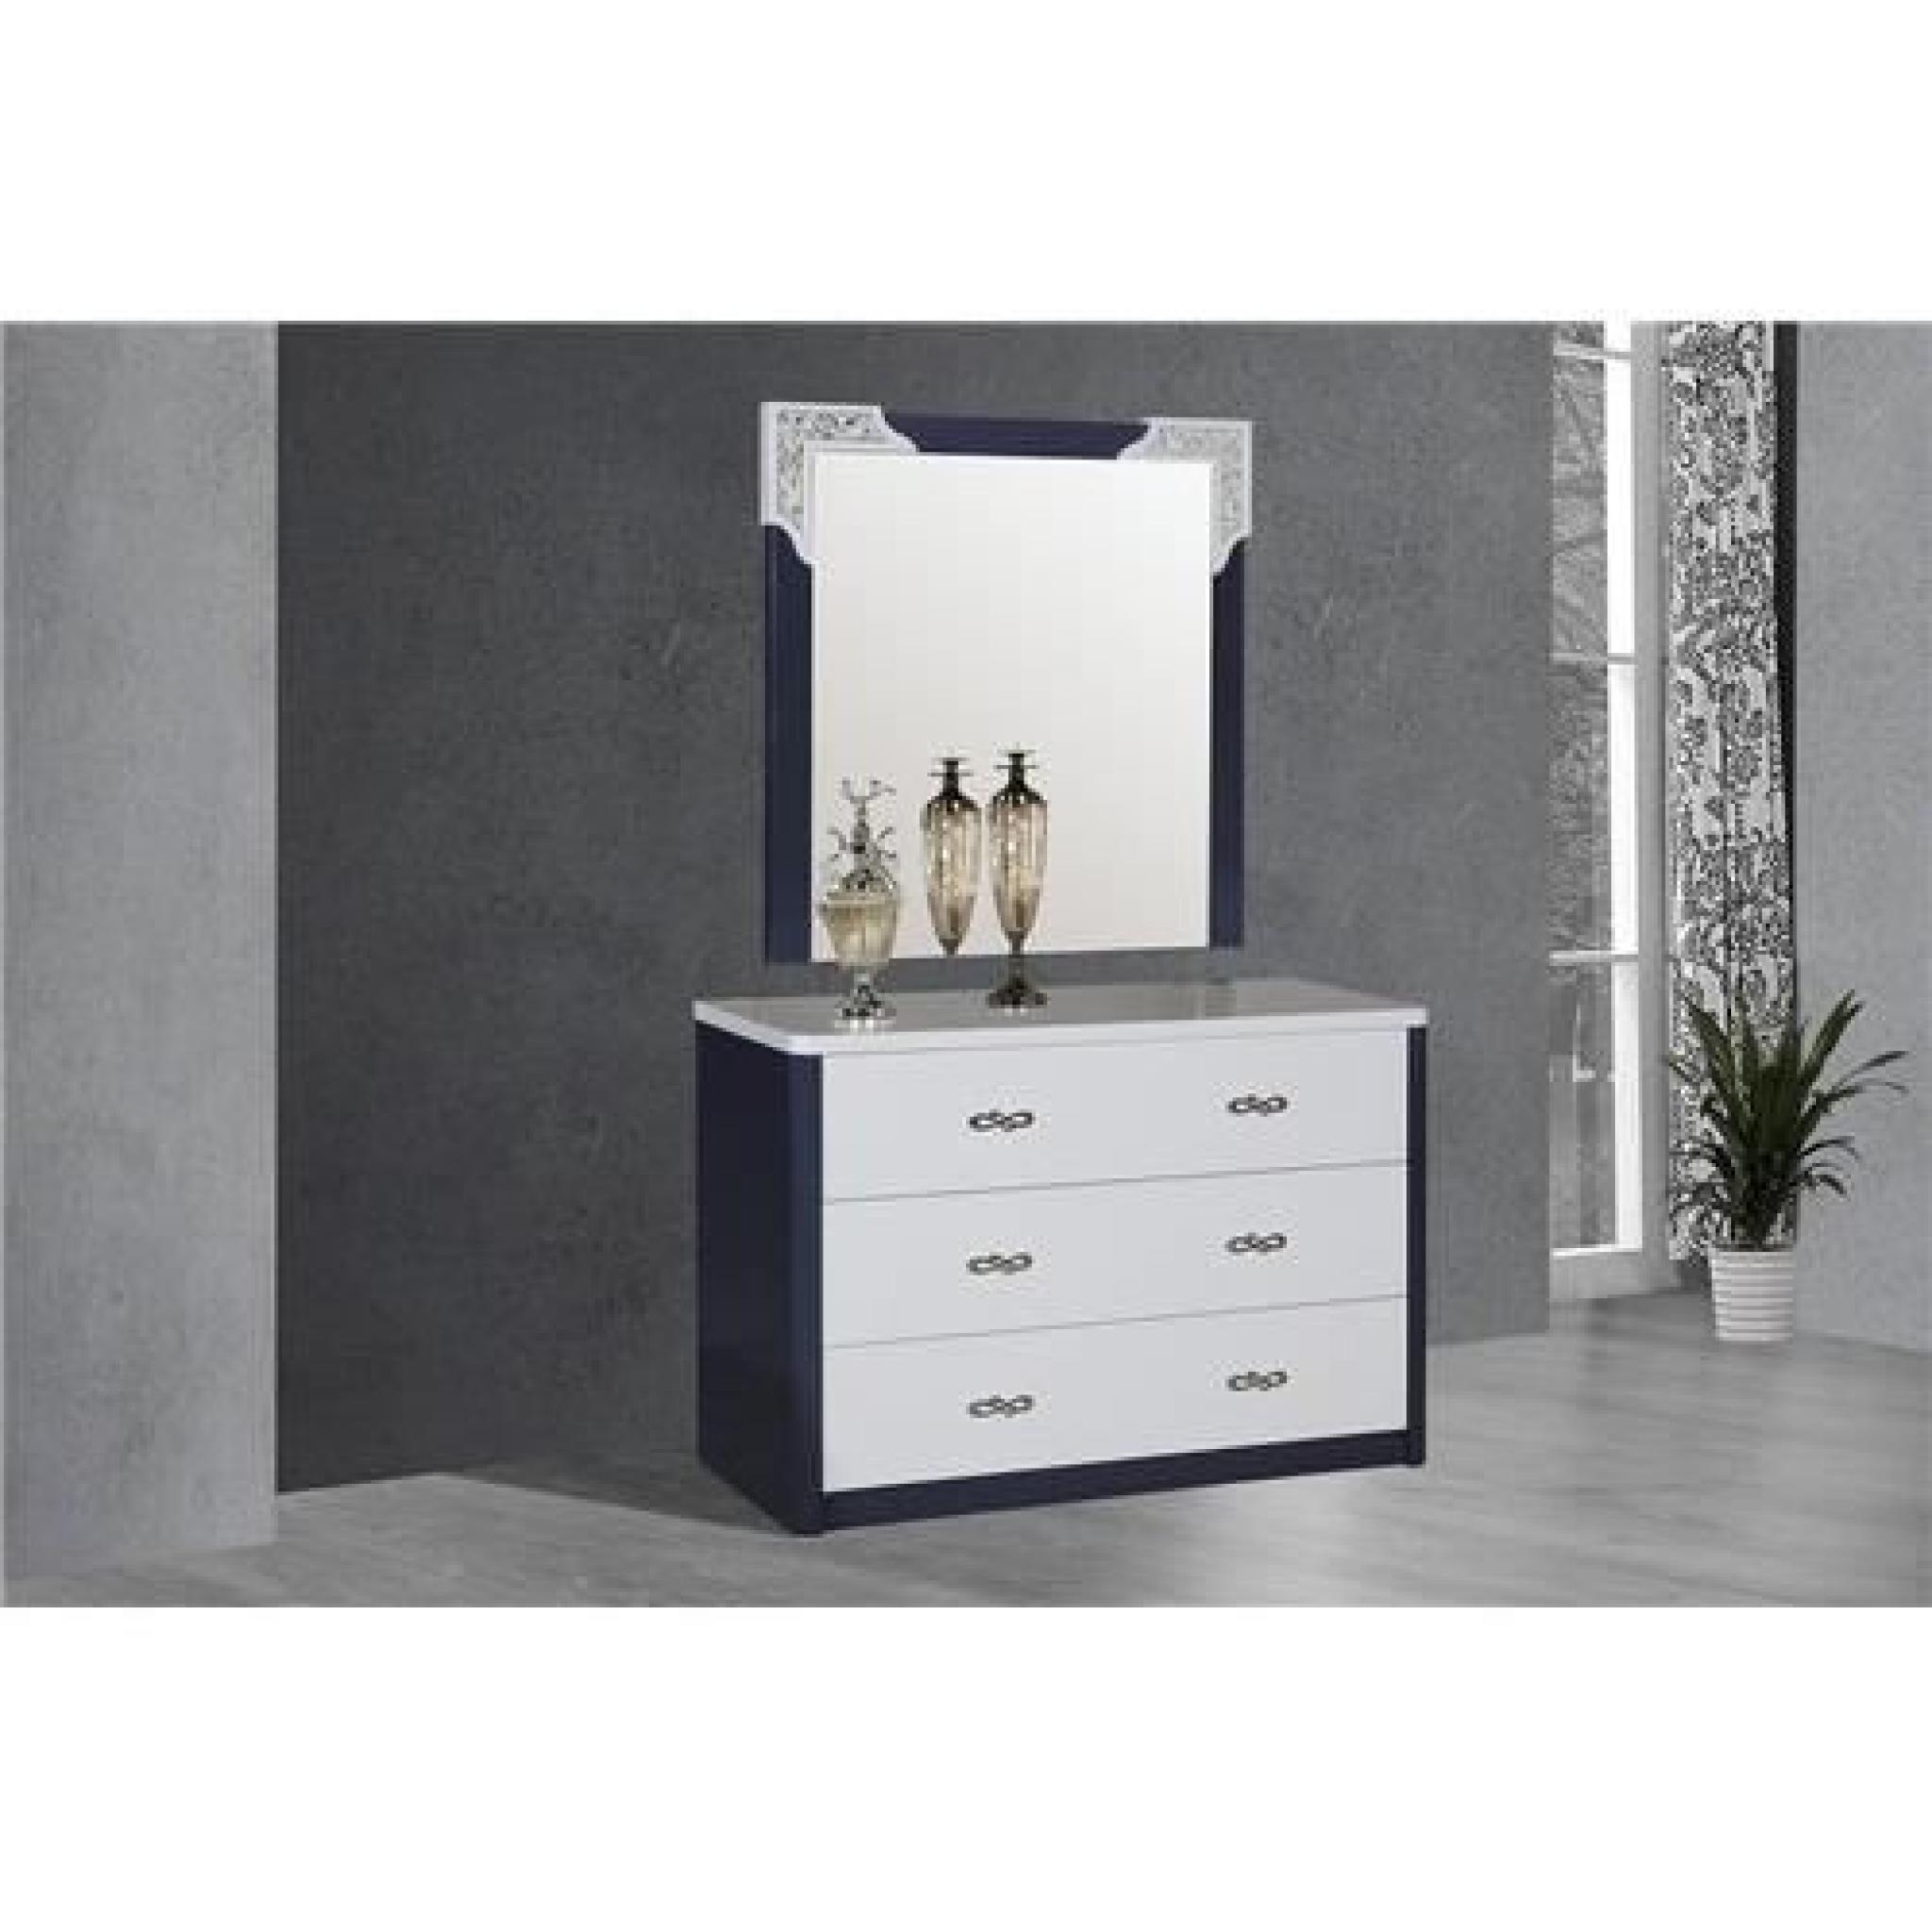 Commode design anthony avec miroir - gris et blanc - Achat/Vente ...